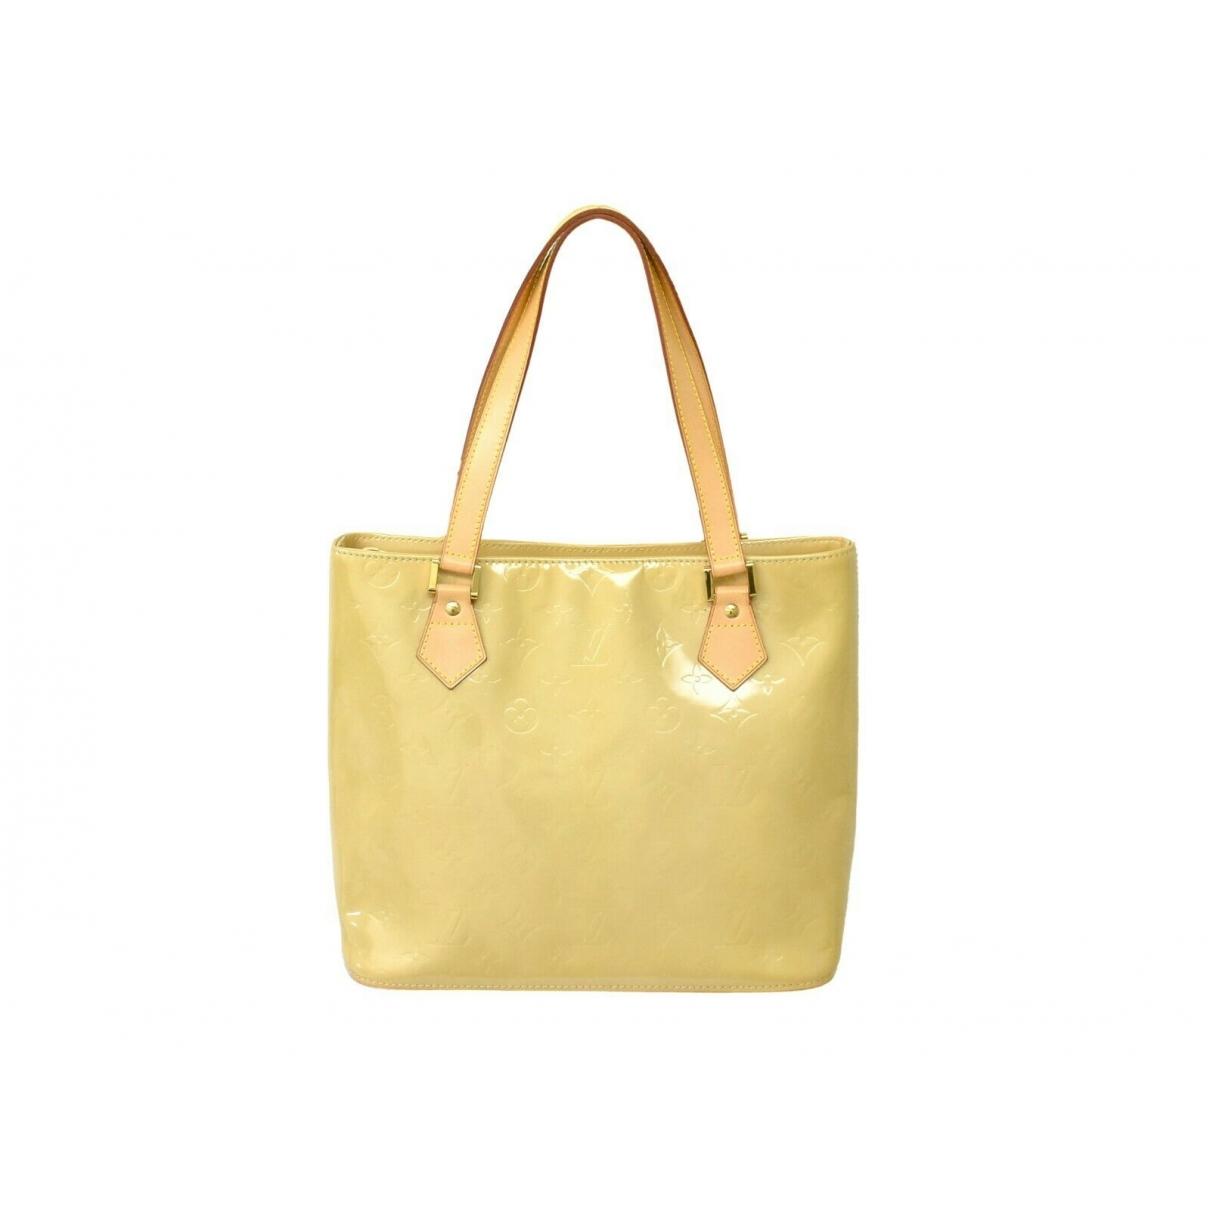 Louis Vuitton Houston Handtasche in  Gelb Lackleder